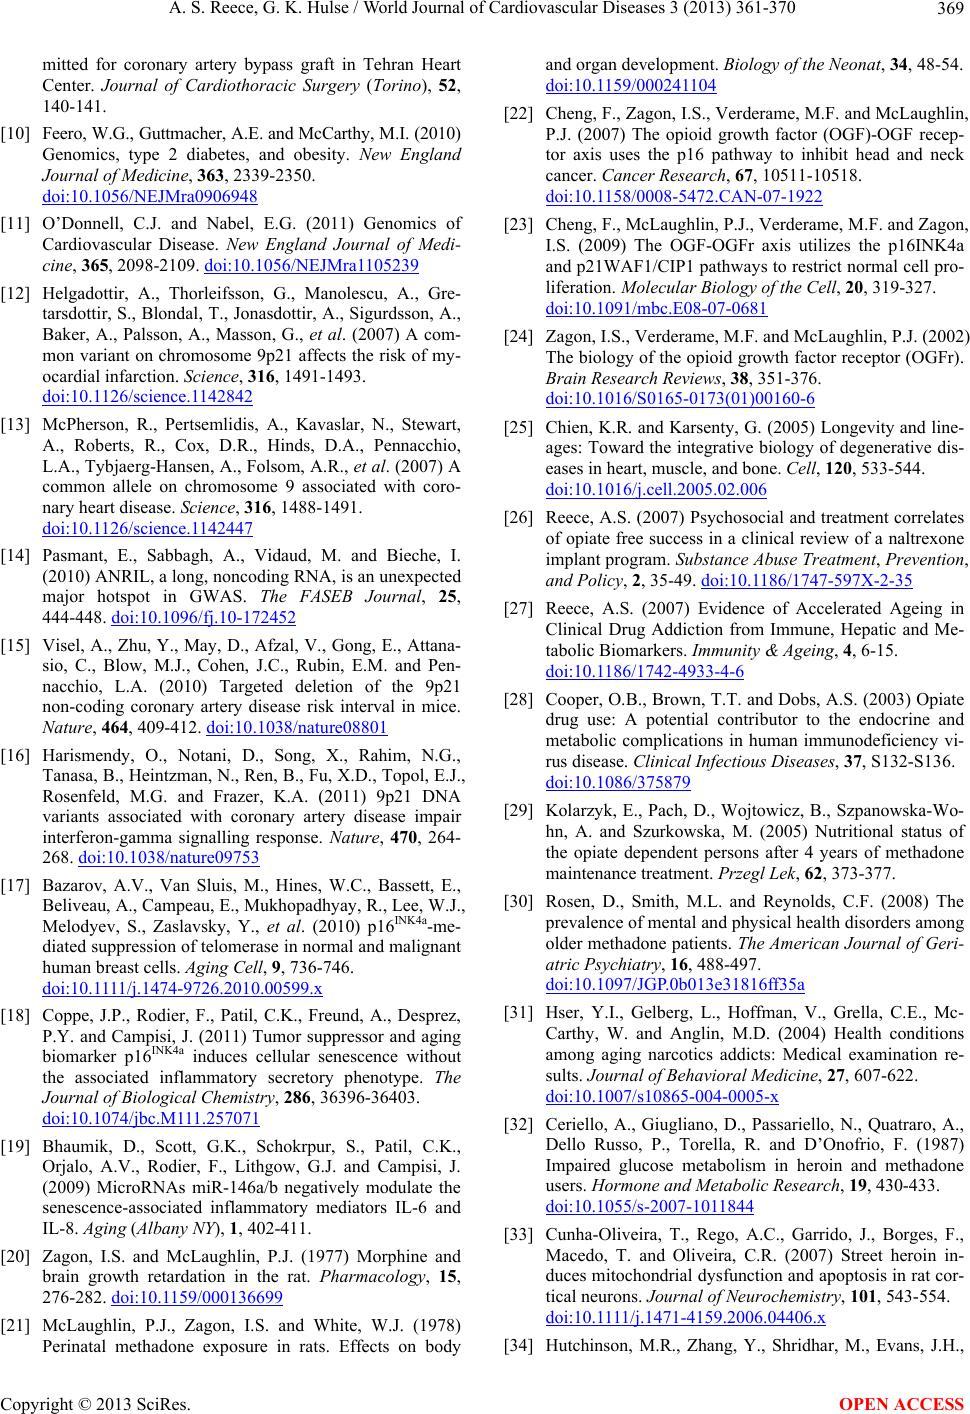 شراء ورقة بحثية على الانترنت مقارنة جون سييسزكا ولين سميث لتيم بورتون